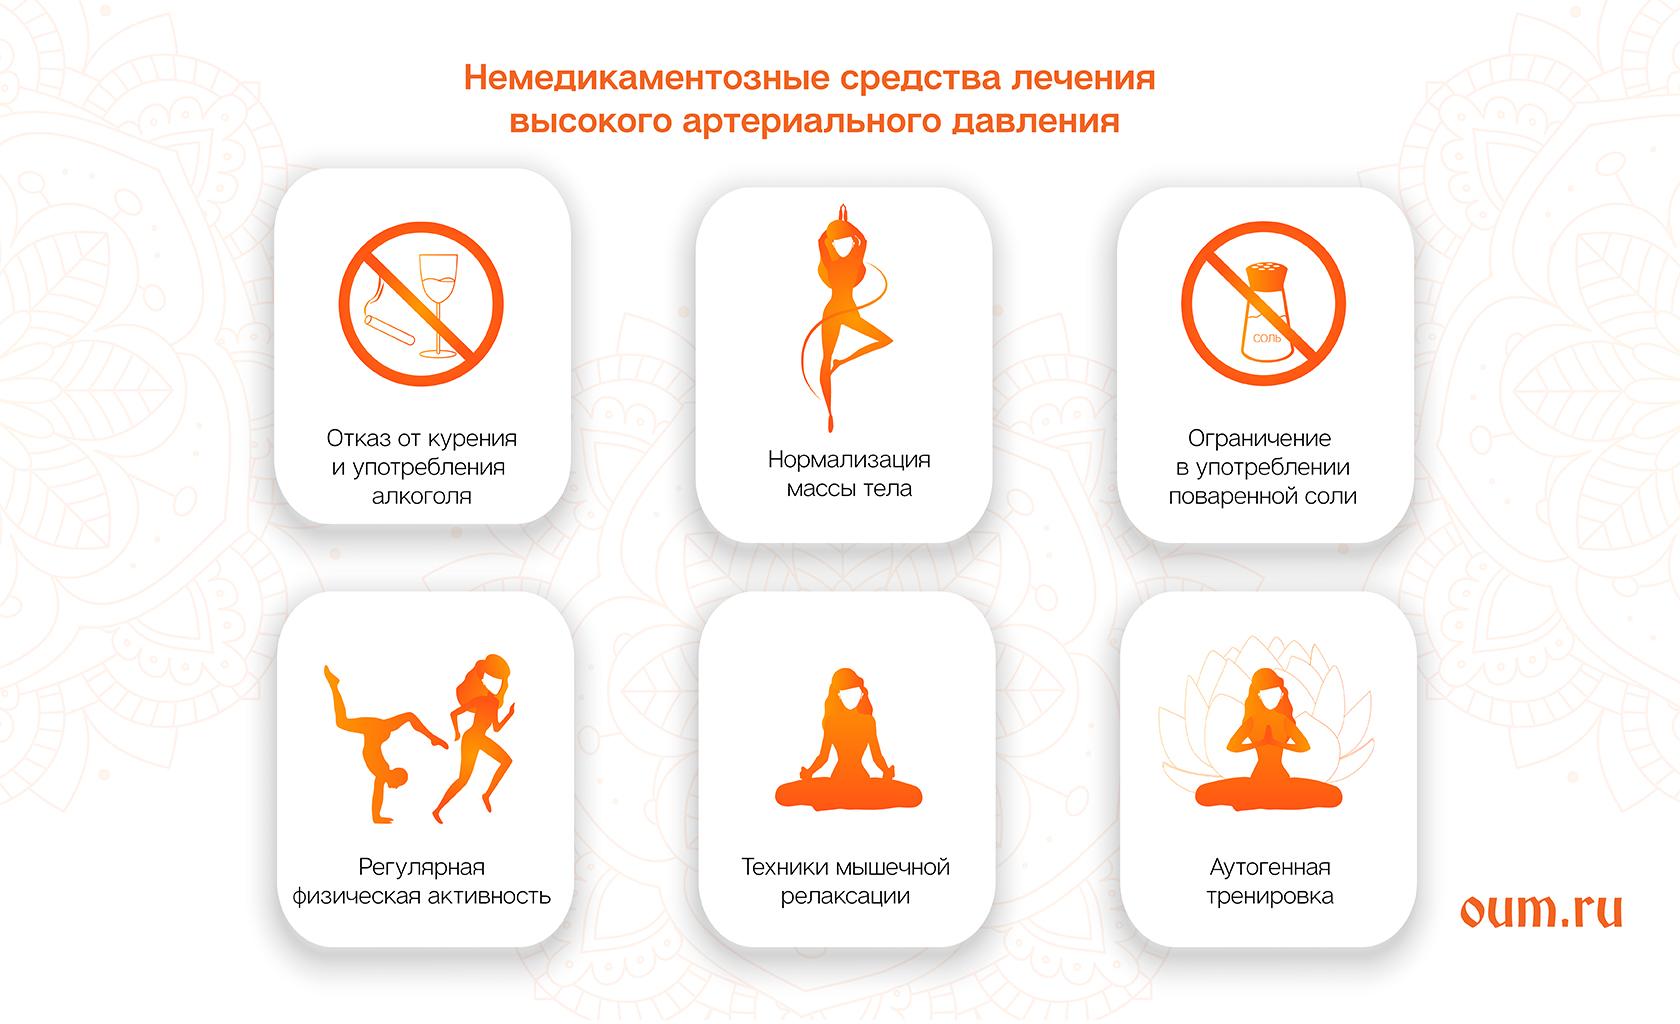 Как избавиться от давления навсегда упражнениями